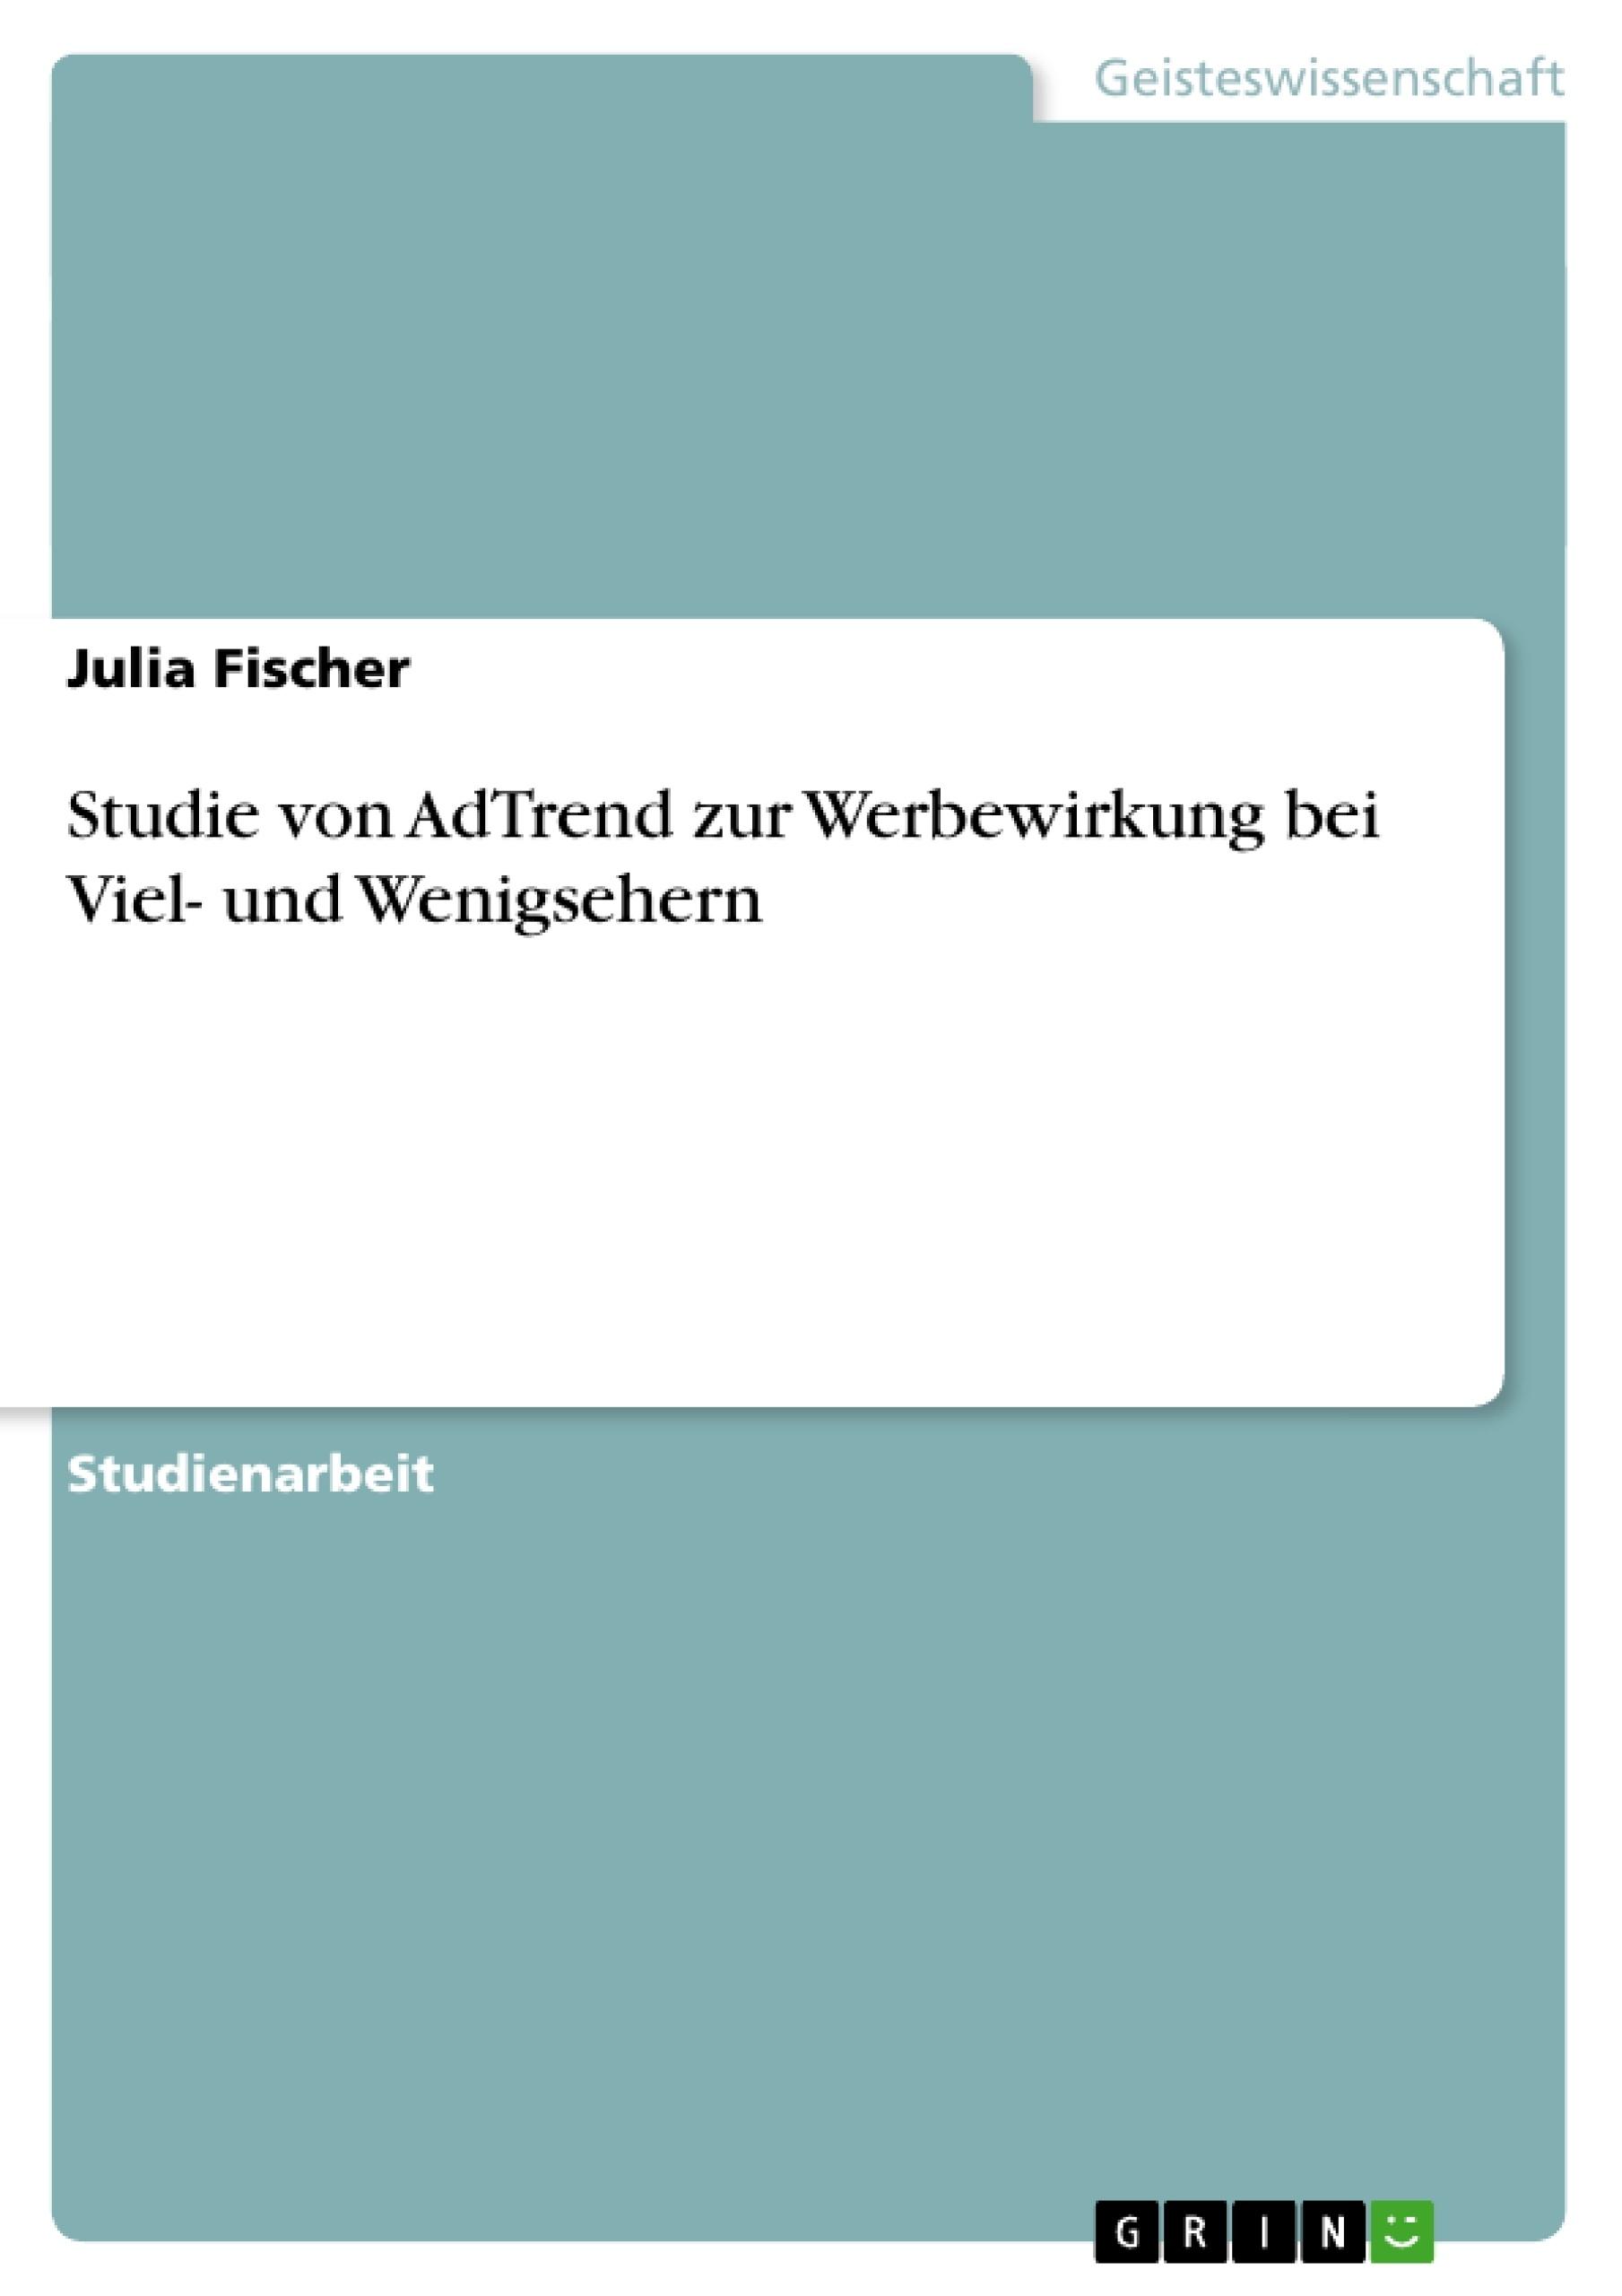 Titel: Studie von AdTrend zur Werbewirkung bei Viel- und Wenigsehern